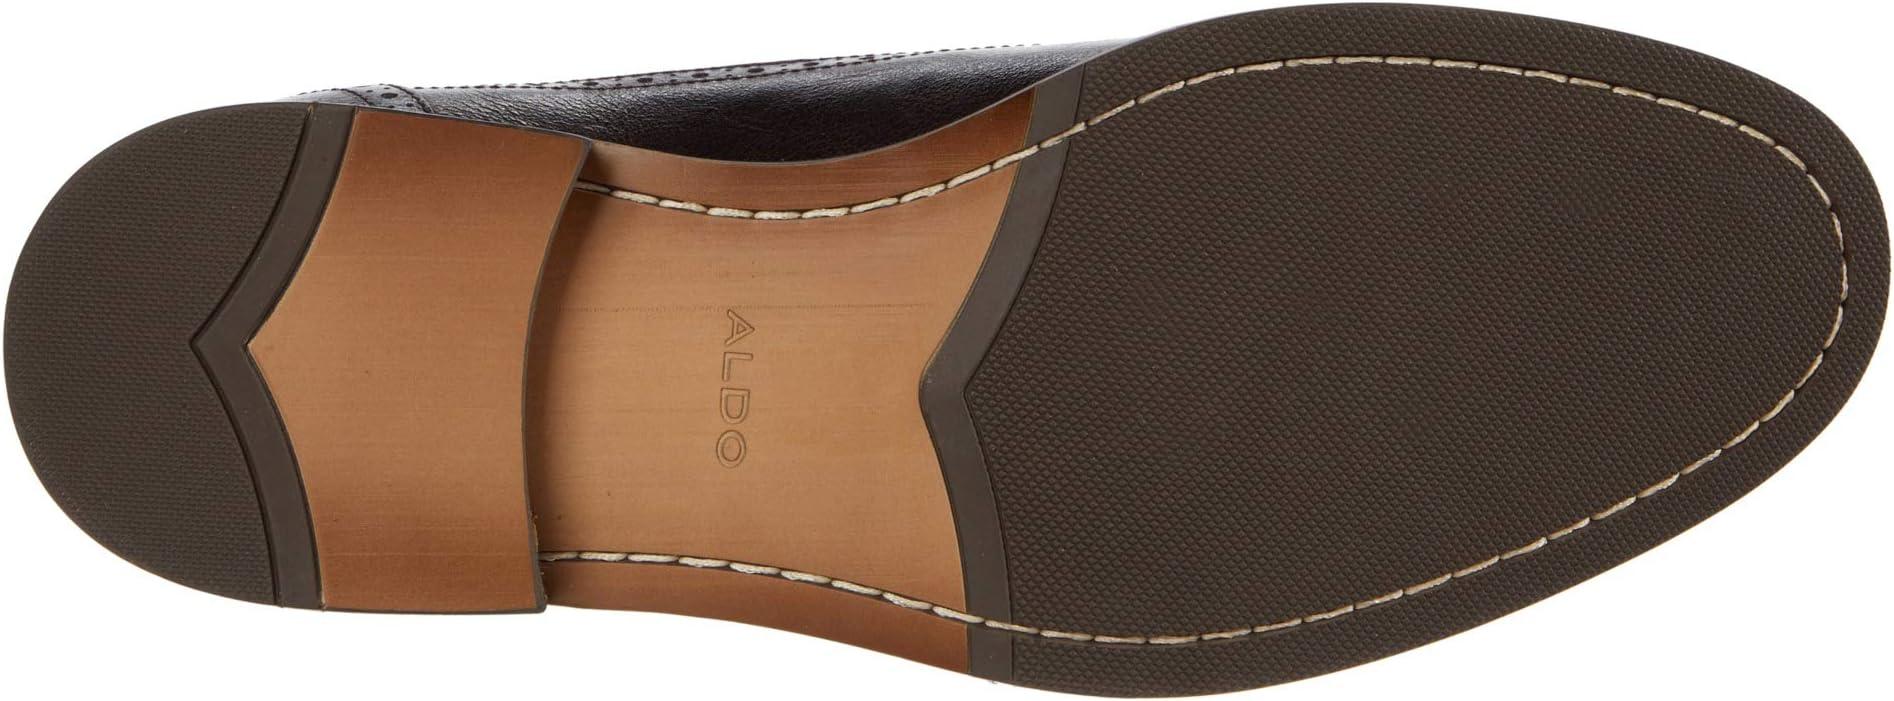 ALDO Kevin | Men's shoes | 2020 Newest